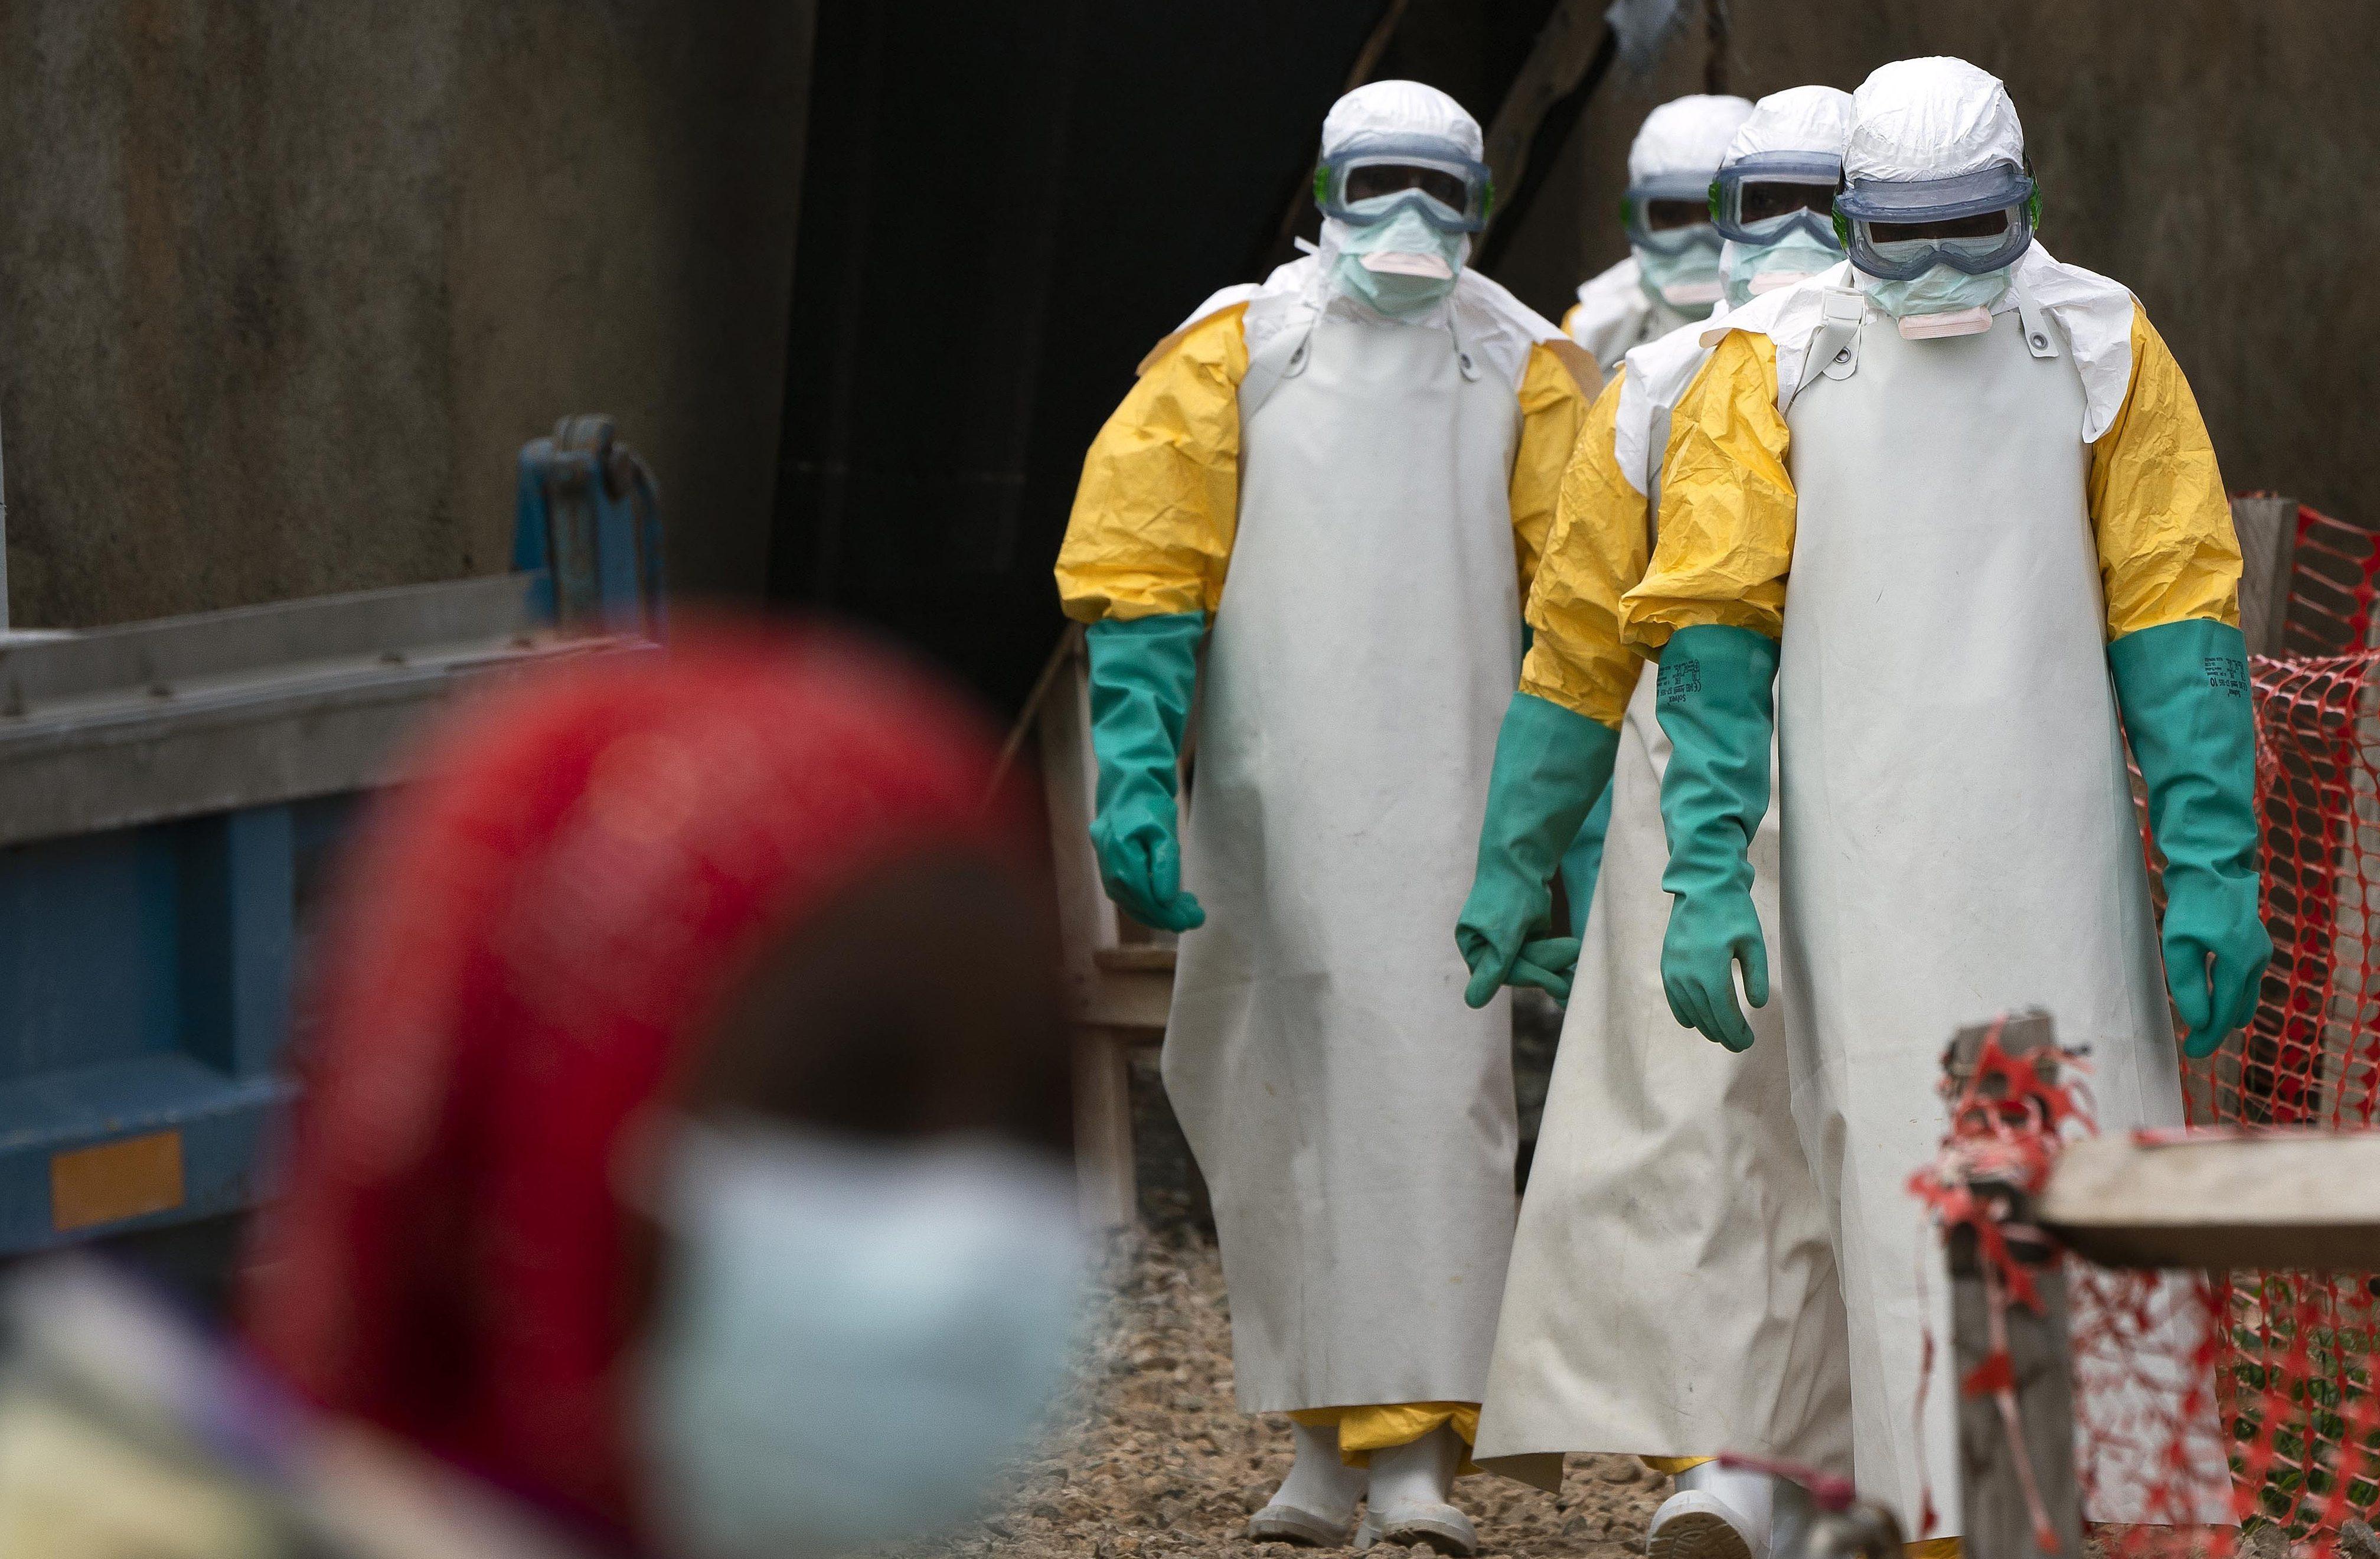 Congo Ebola healthcare workers